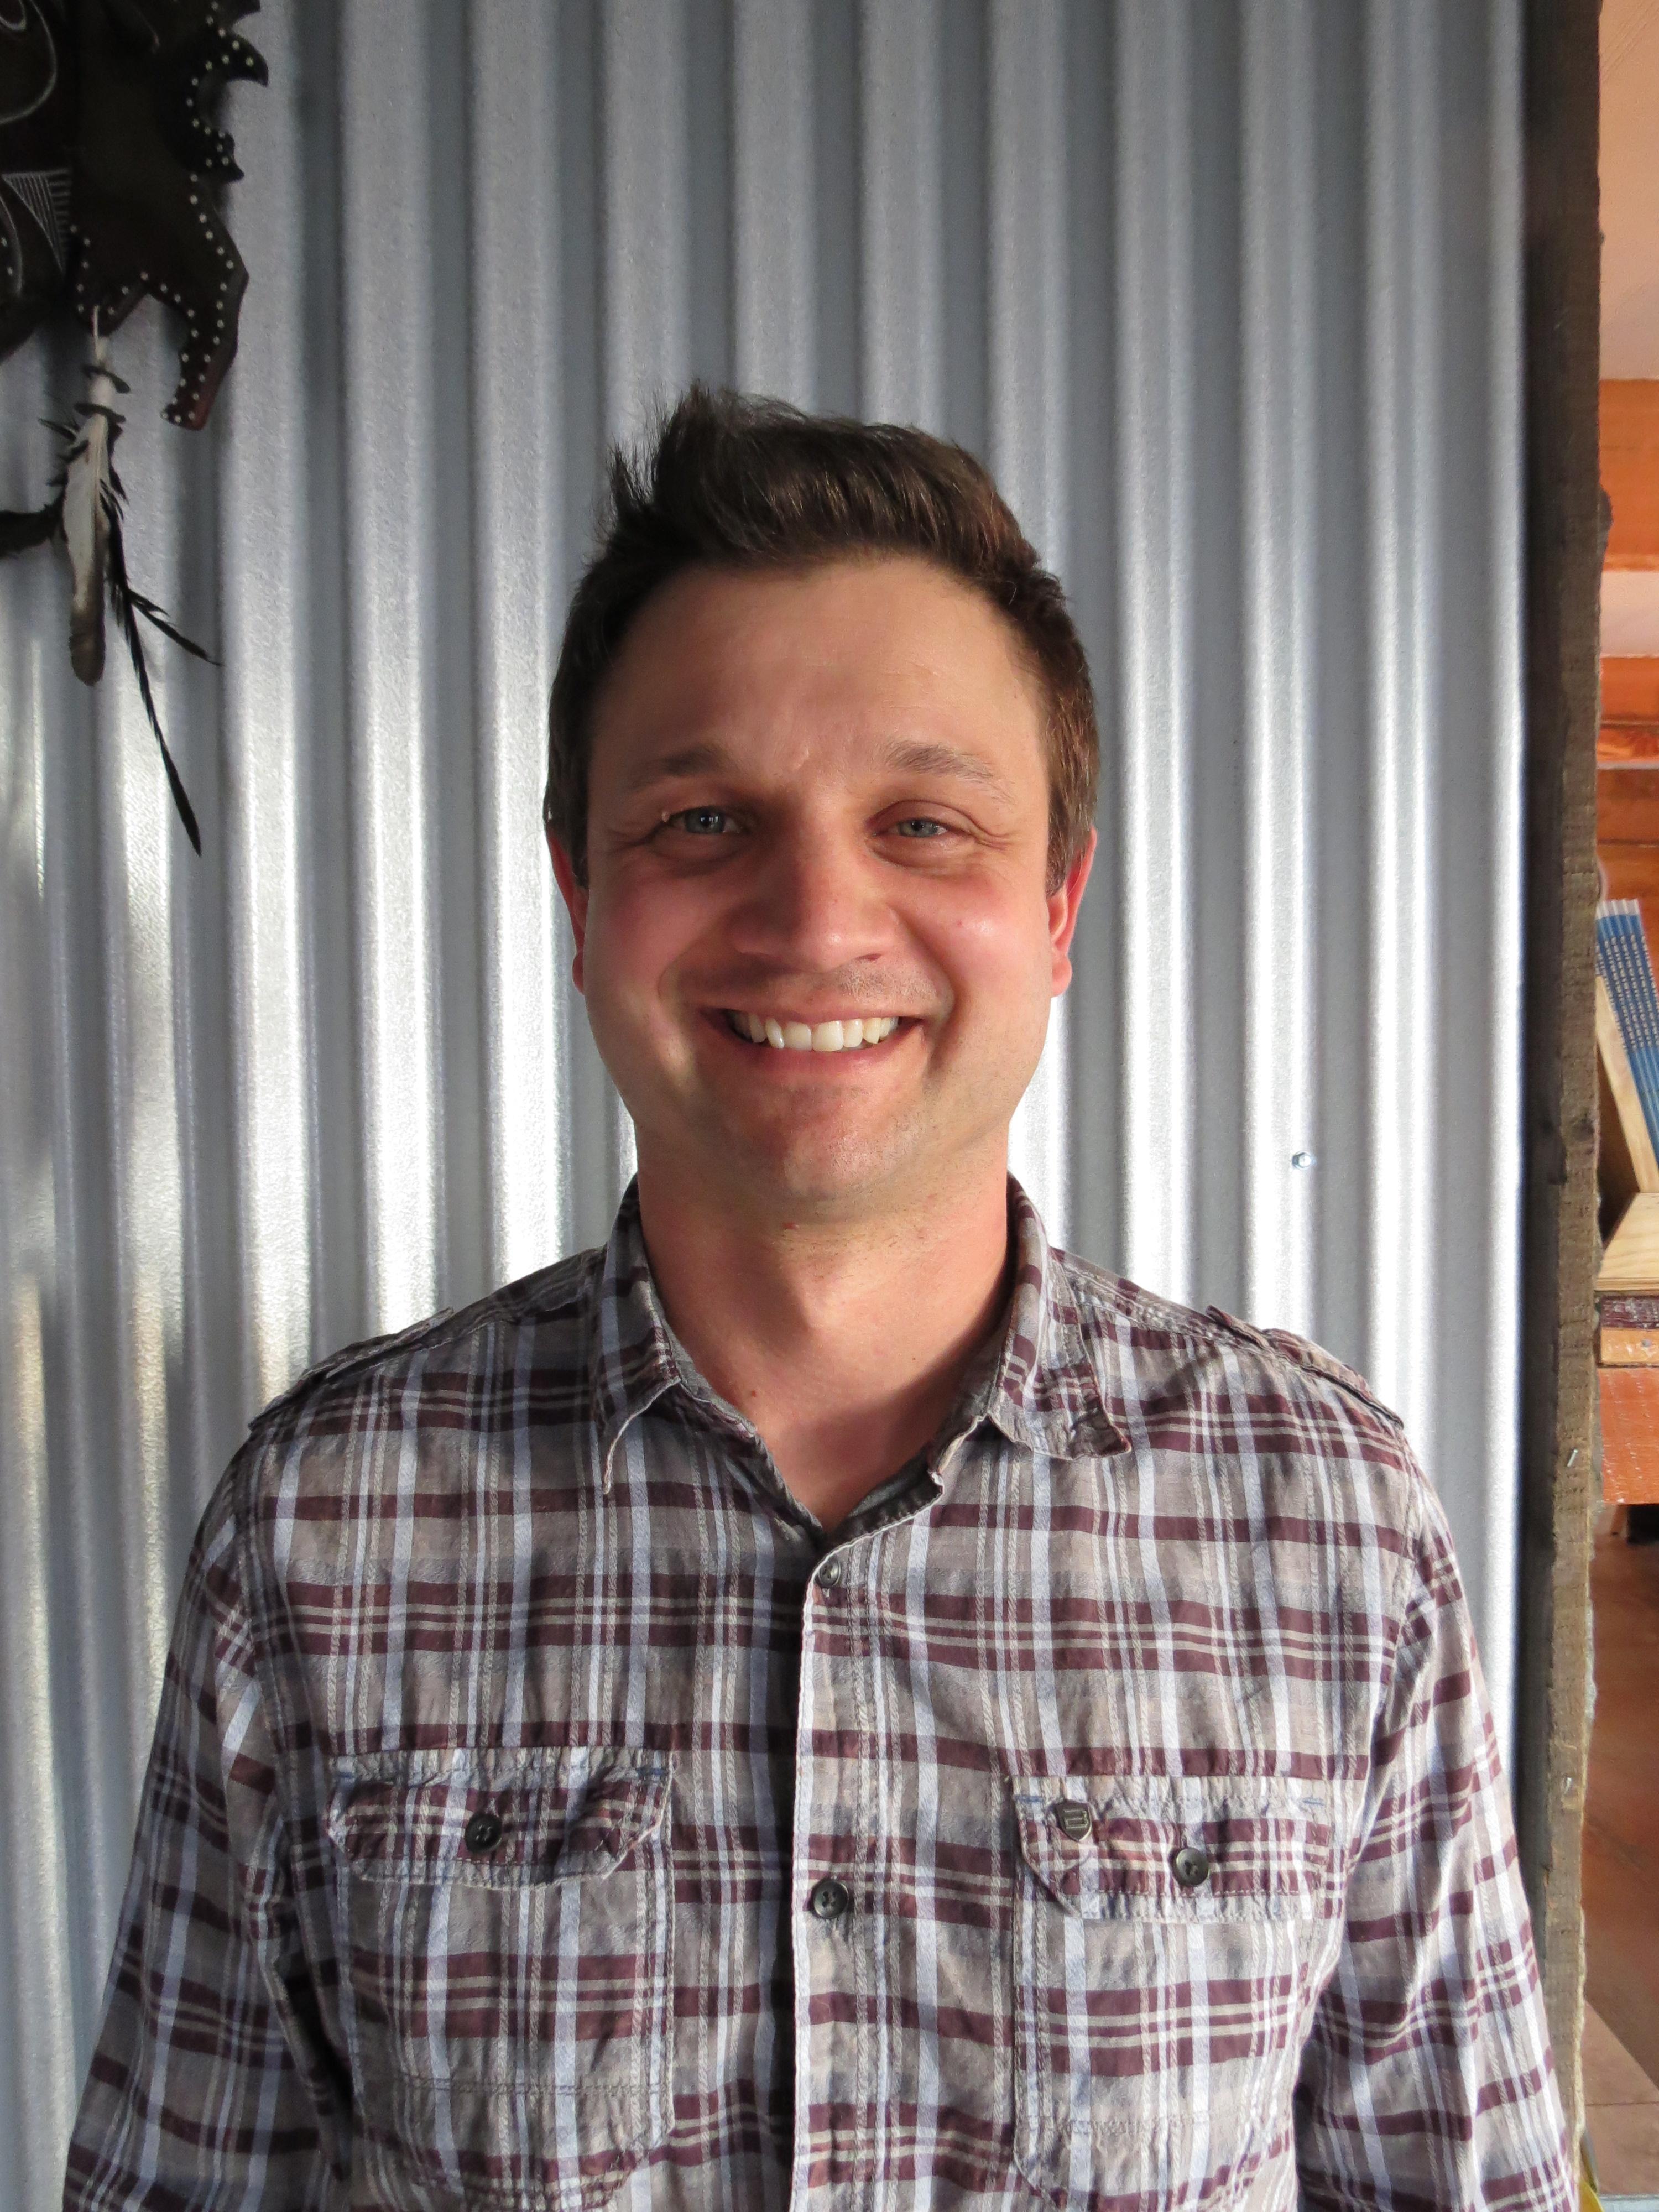 Chad Swanson